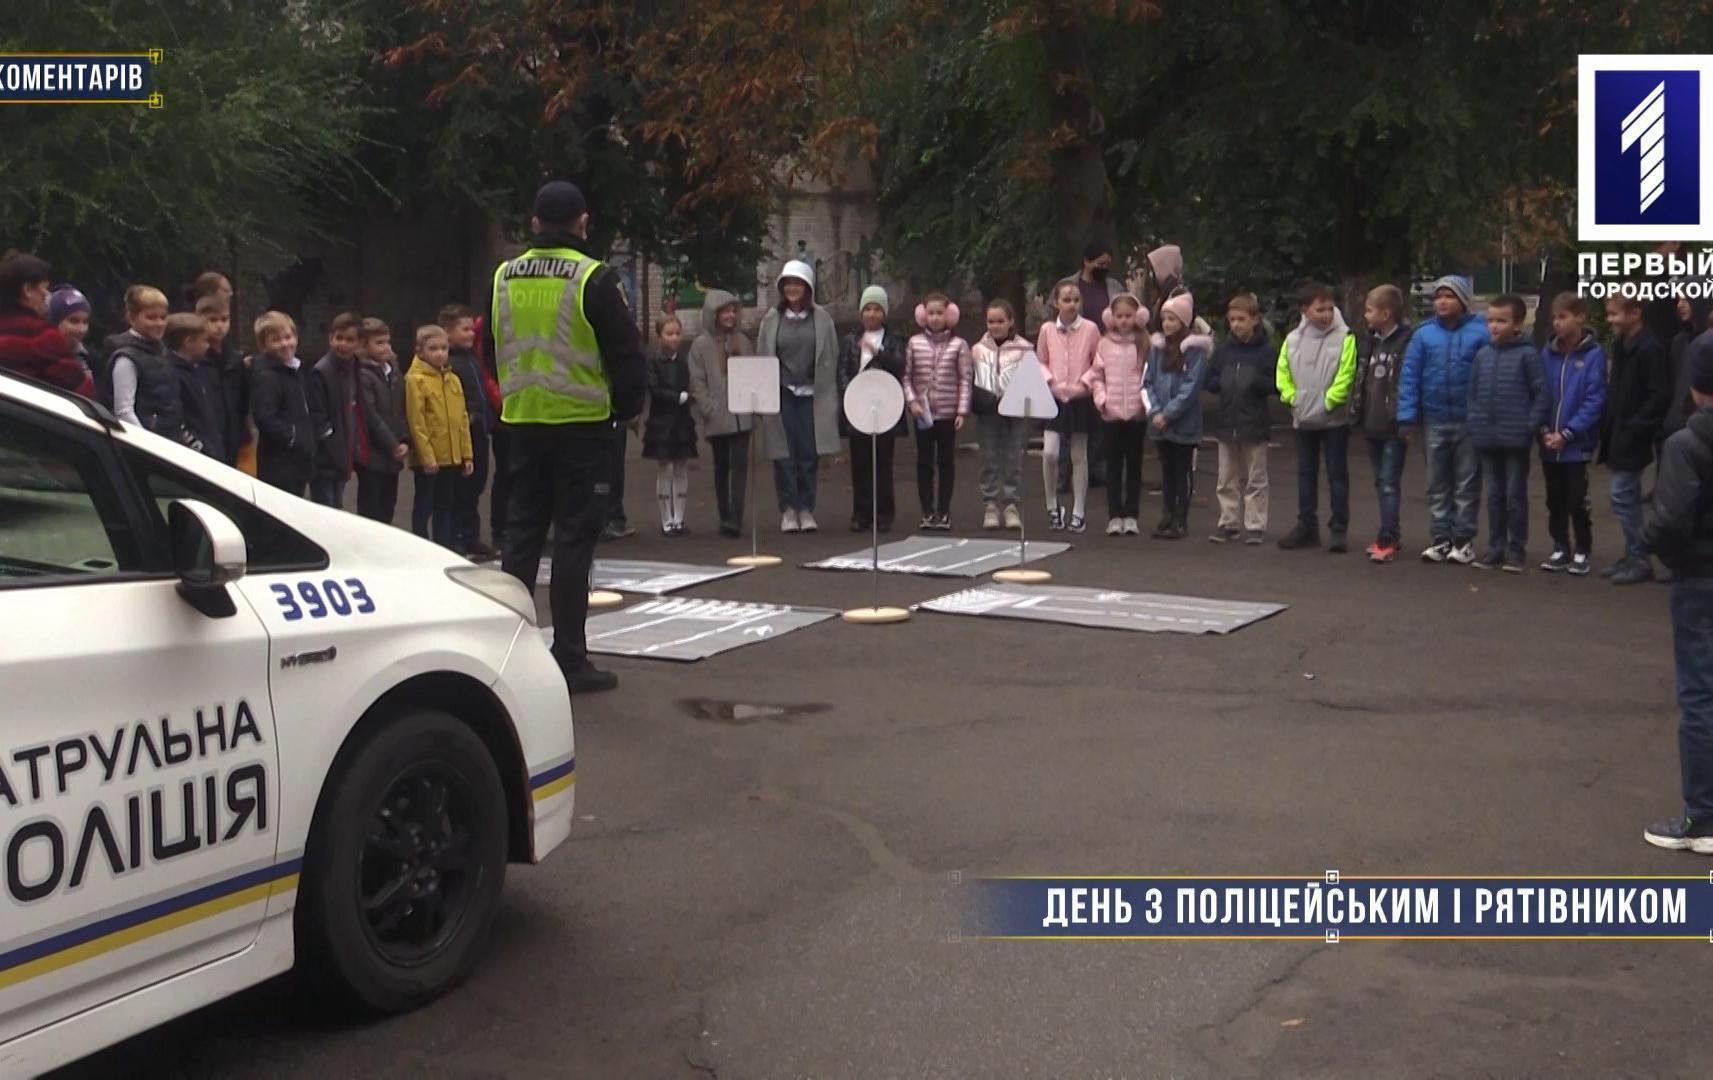 Без комментариев: уроки в рамках проекта «День с полицейским и спасателем» в школах Кривого Рога